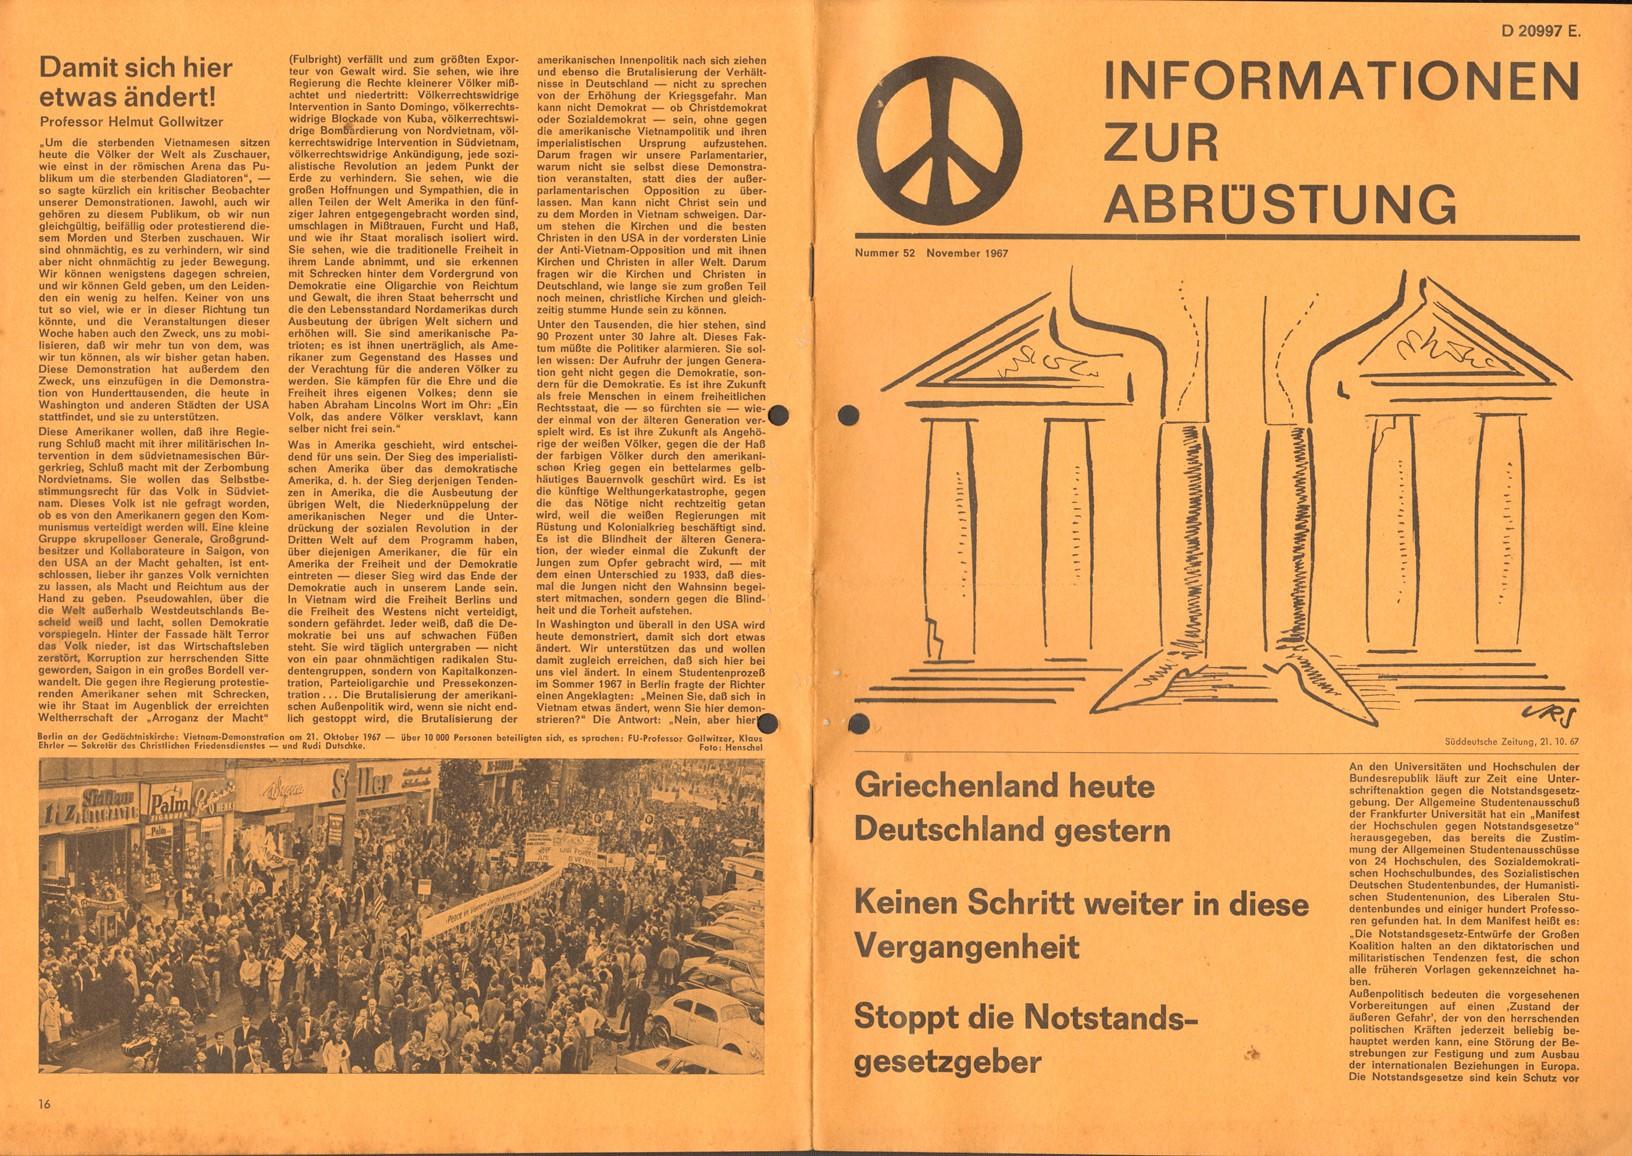 Informationen_zur_Abruestung_19671100_01